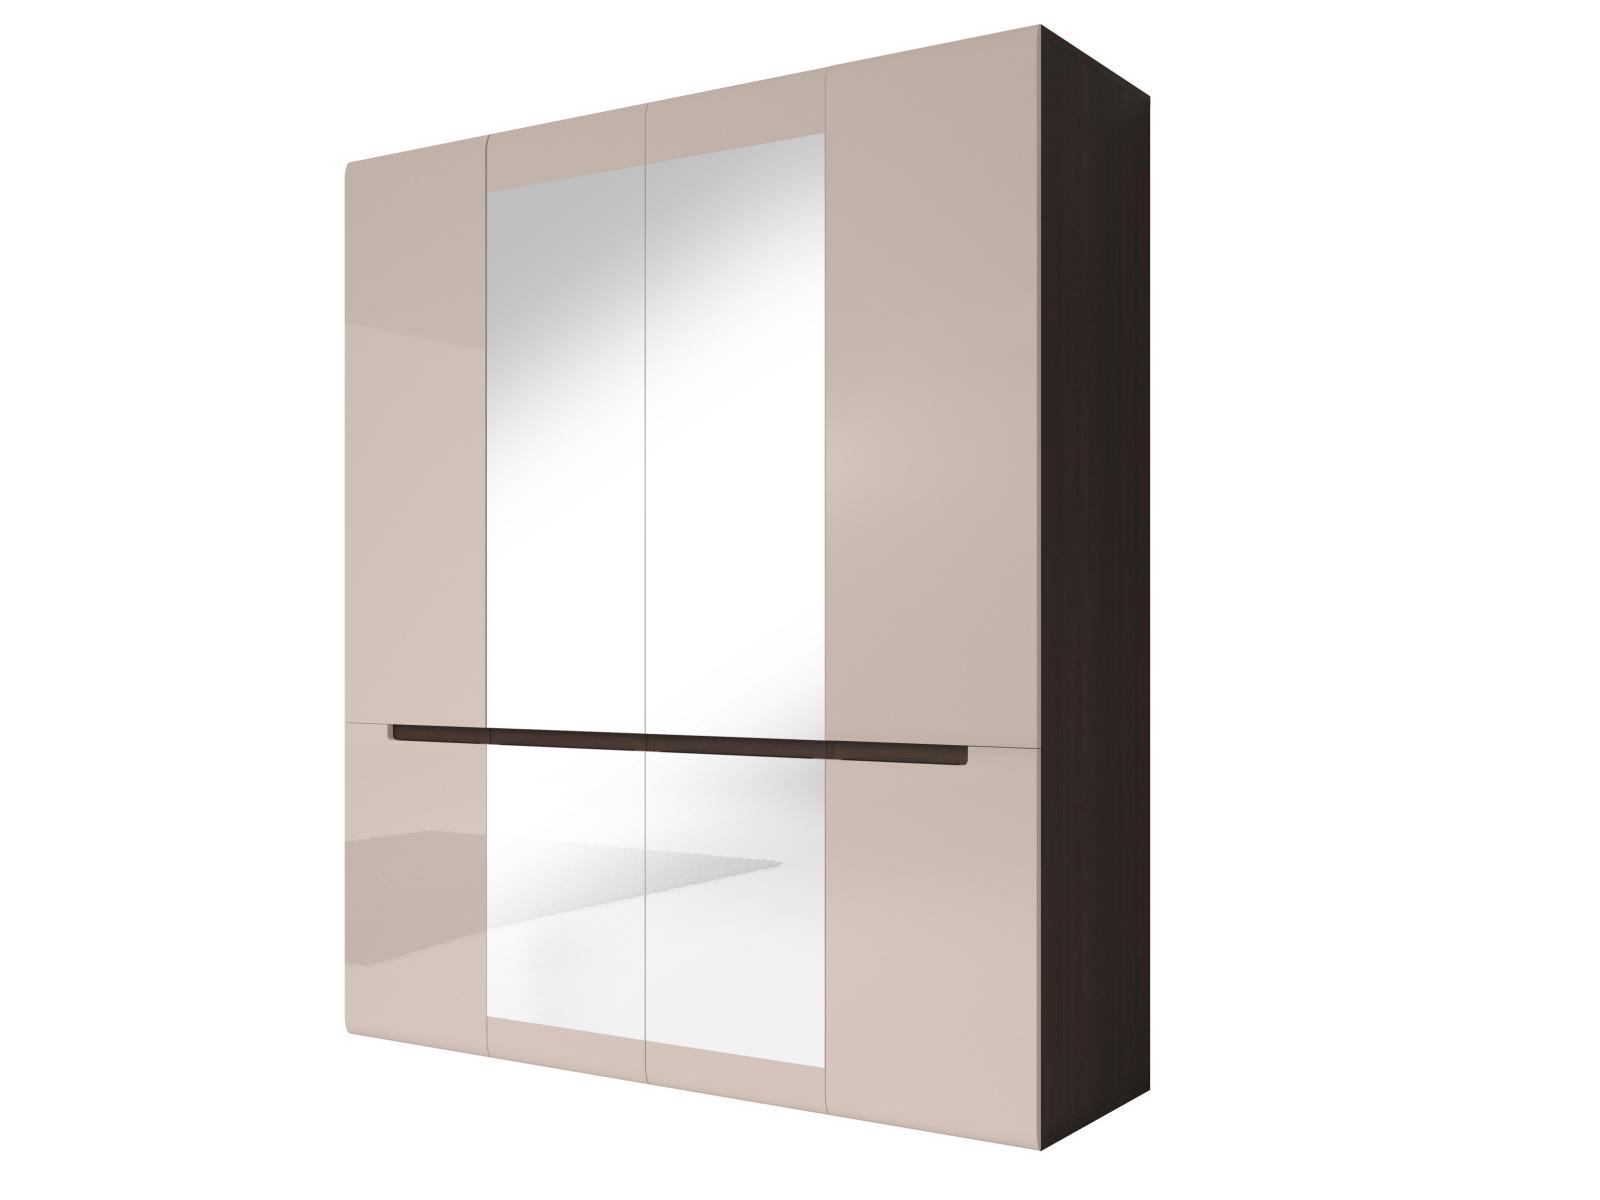 Smartshop HEKTOR šatní skříň se zrcadlem 180 TYP 20, dub sonoma tmavý/pískově šedý lesk